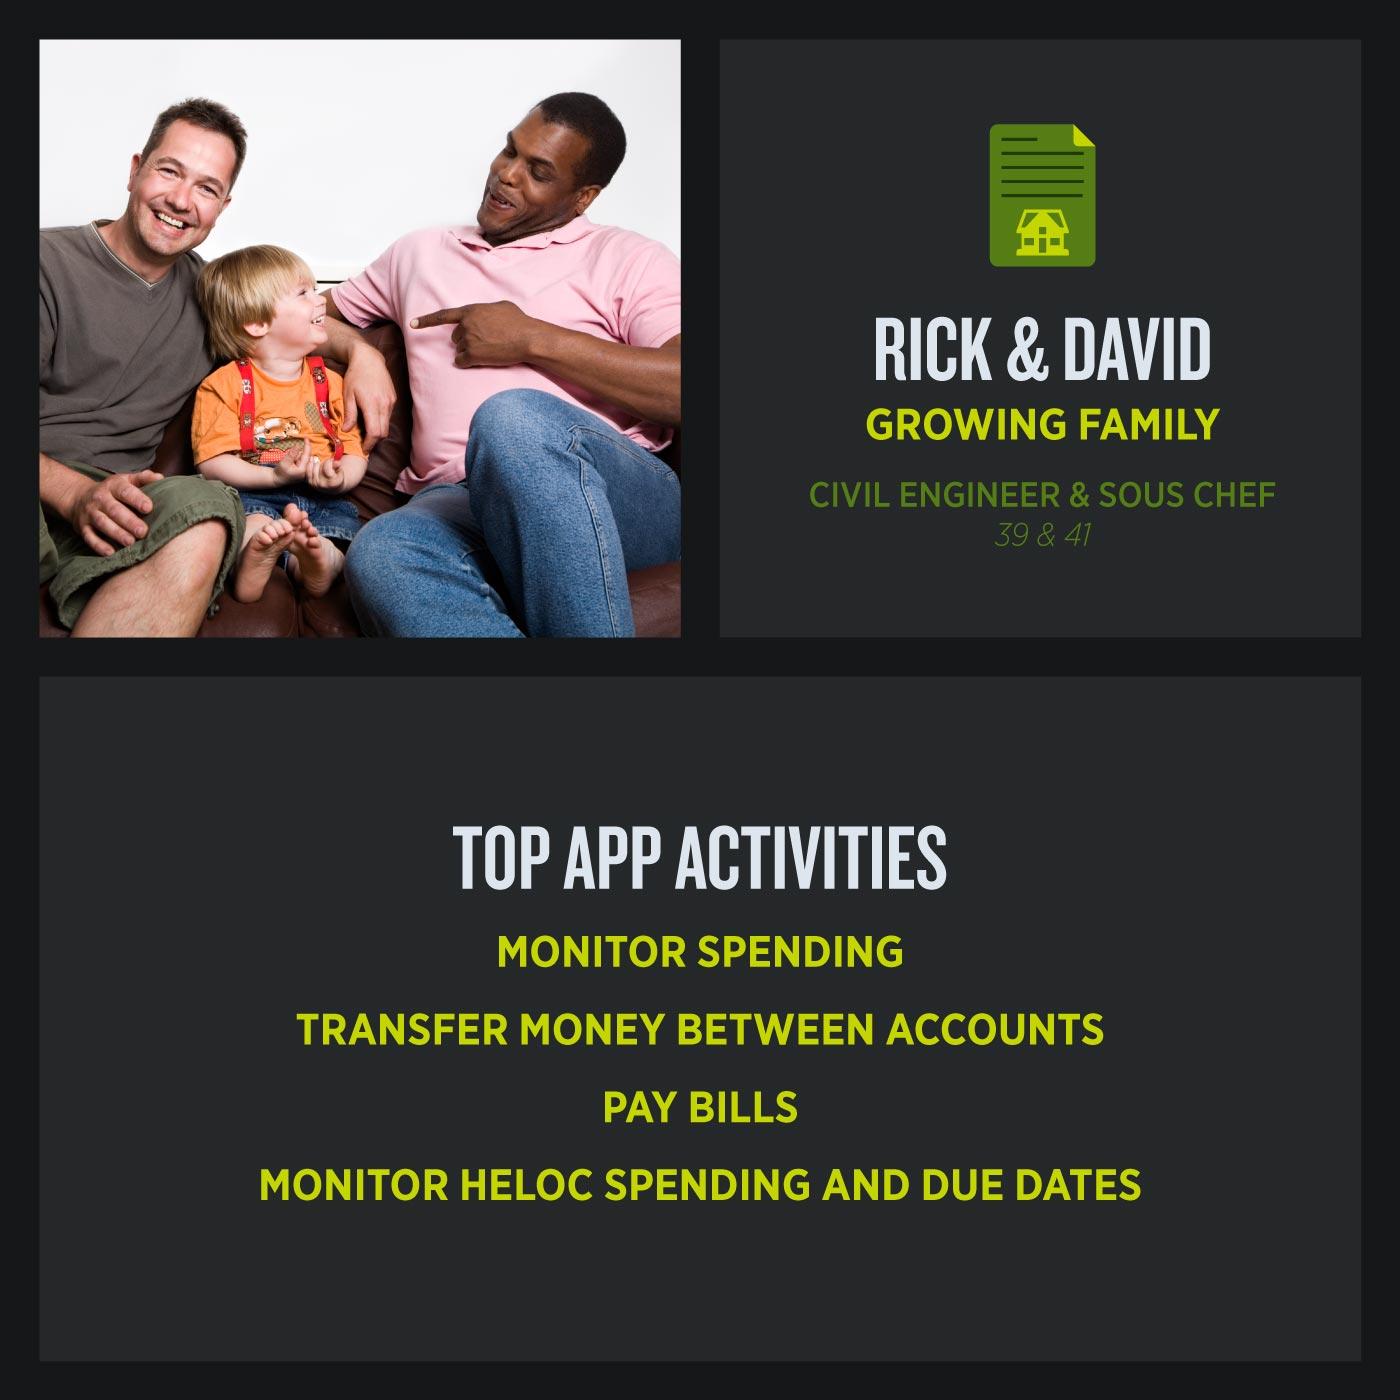 rick & david